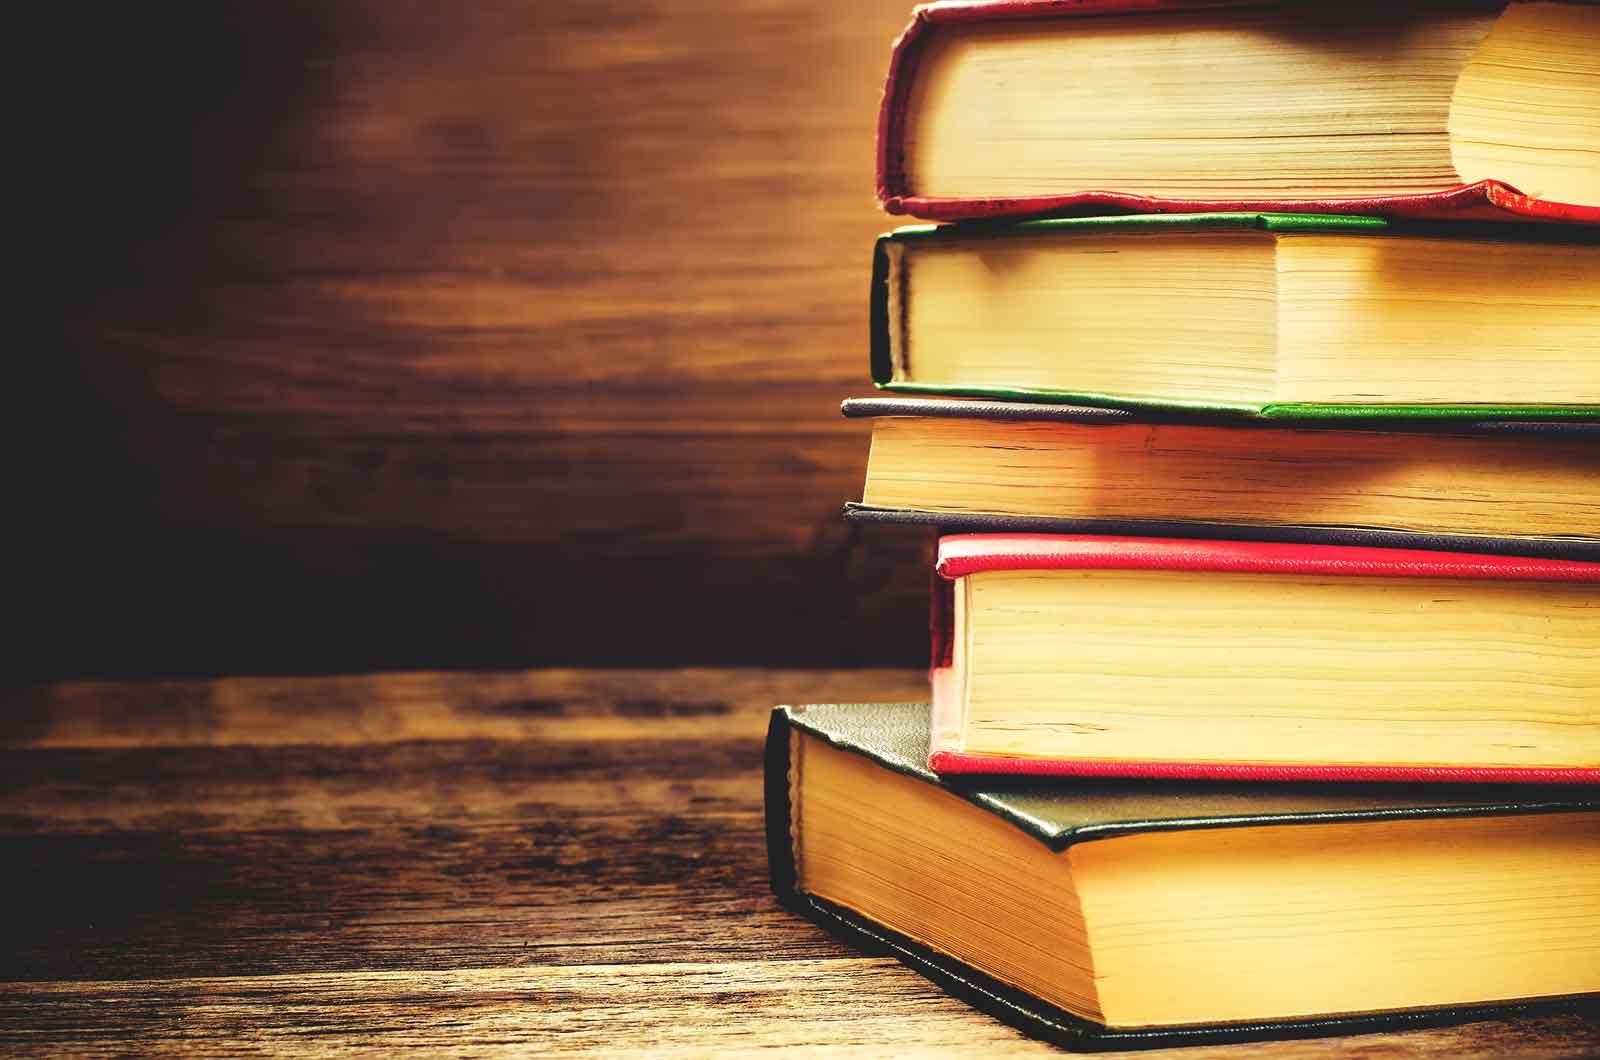 خواندن این کتاب راهی برای دگرگونی خویشتن است